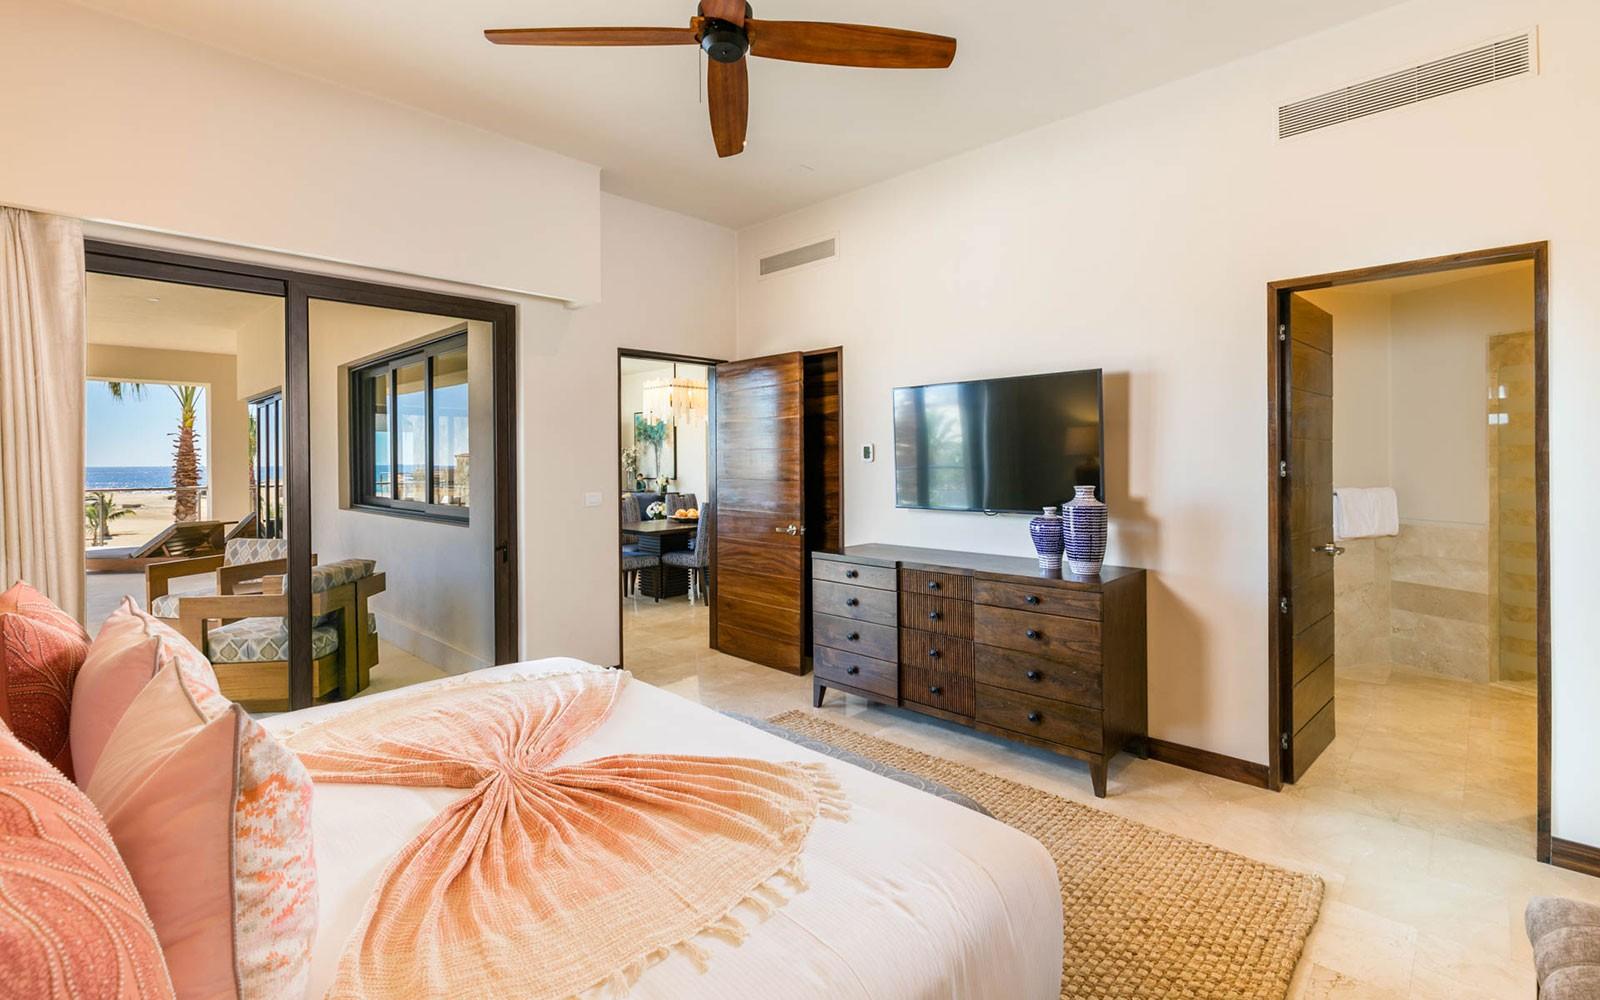 golf-diamante-real-estate-ocr-3-bedroom-025